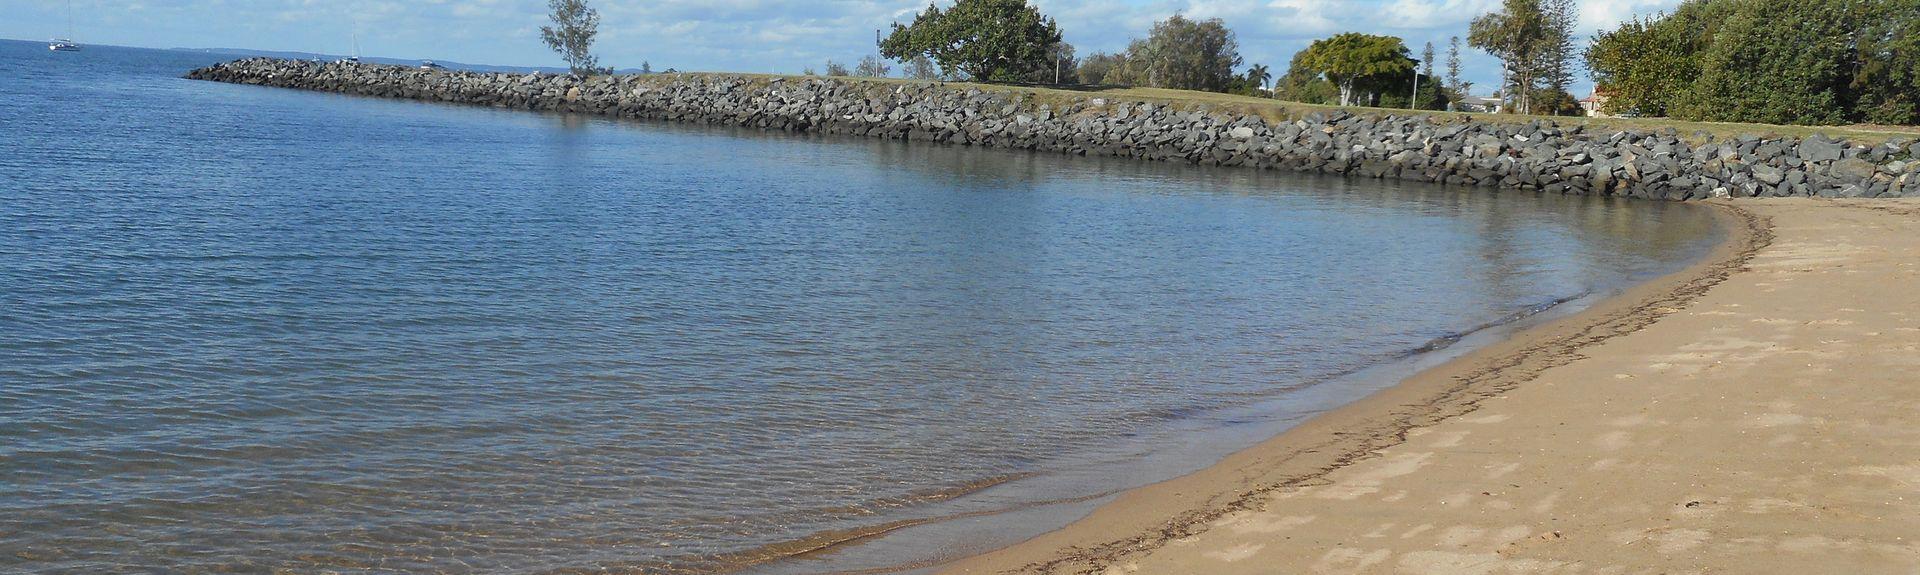 Macleay Island, Queensland, Australië